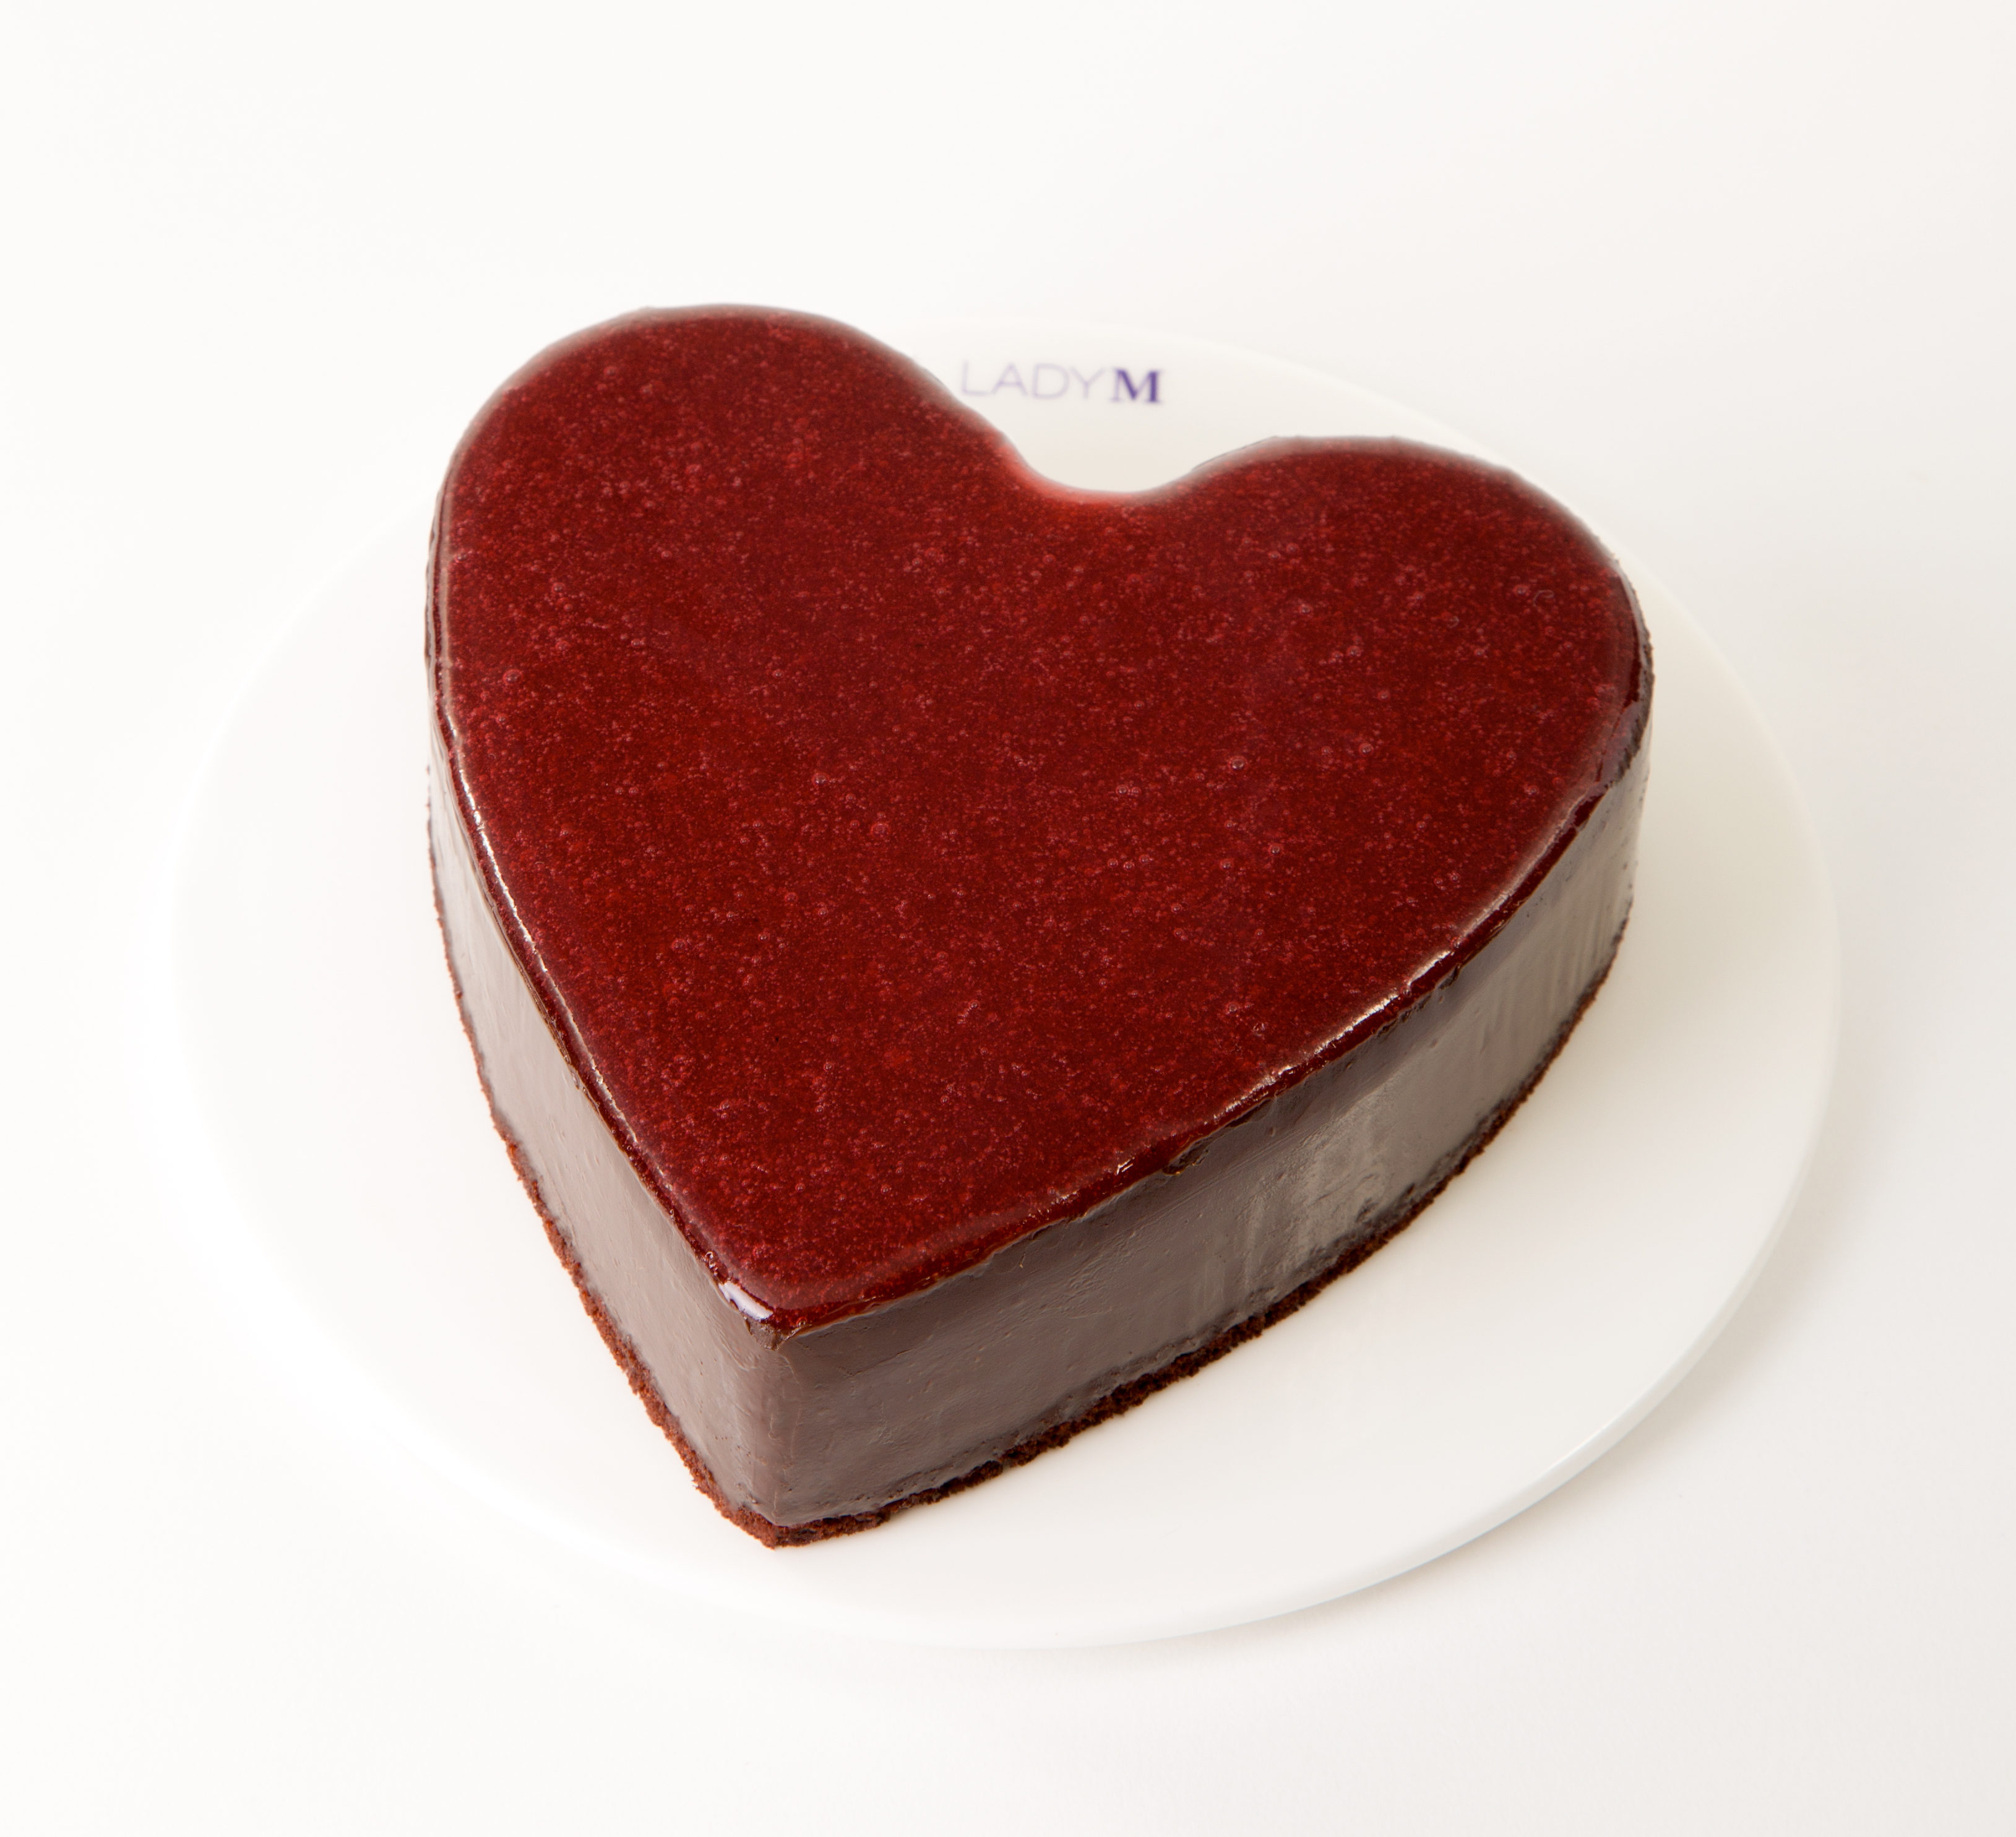 Bellevue Valentine's Day Guide